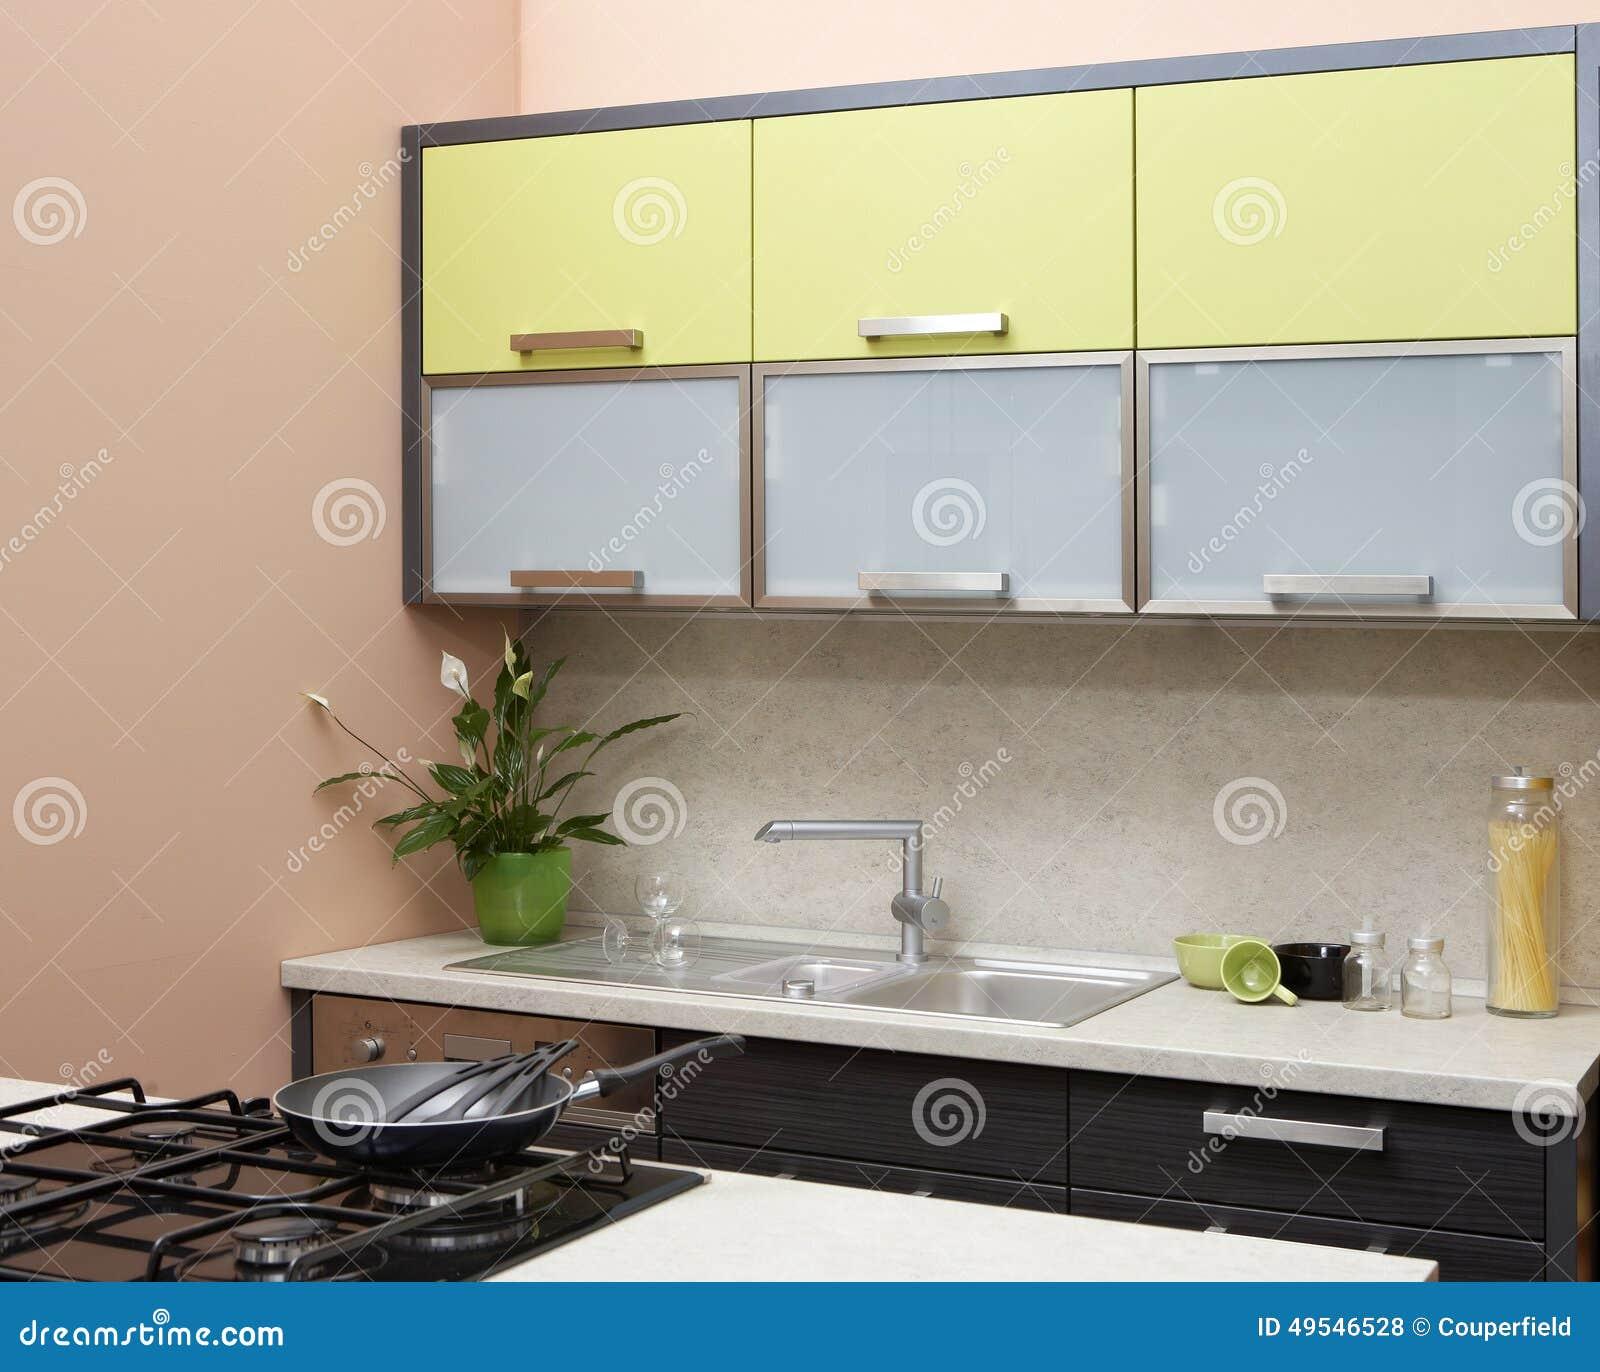 Couleurs dans la cuisine moderne photo stock   image: 49546528